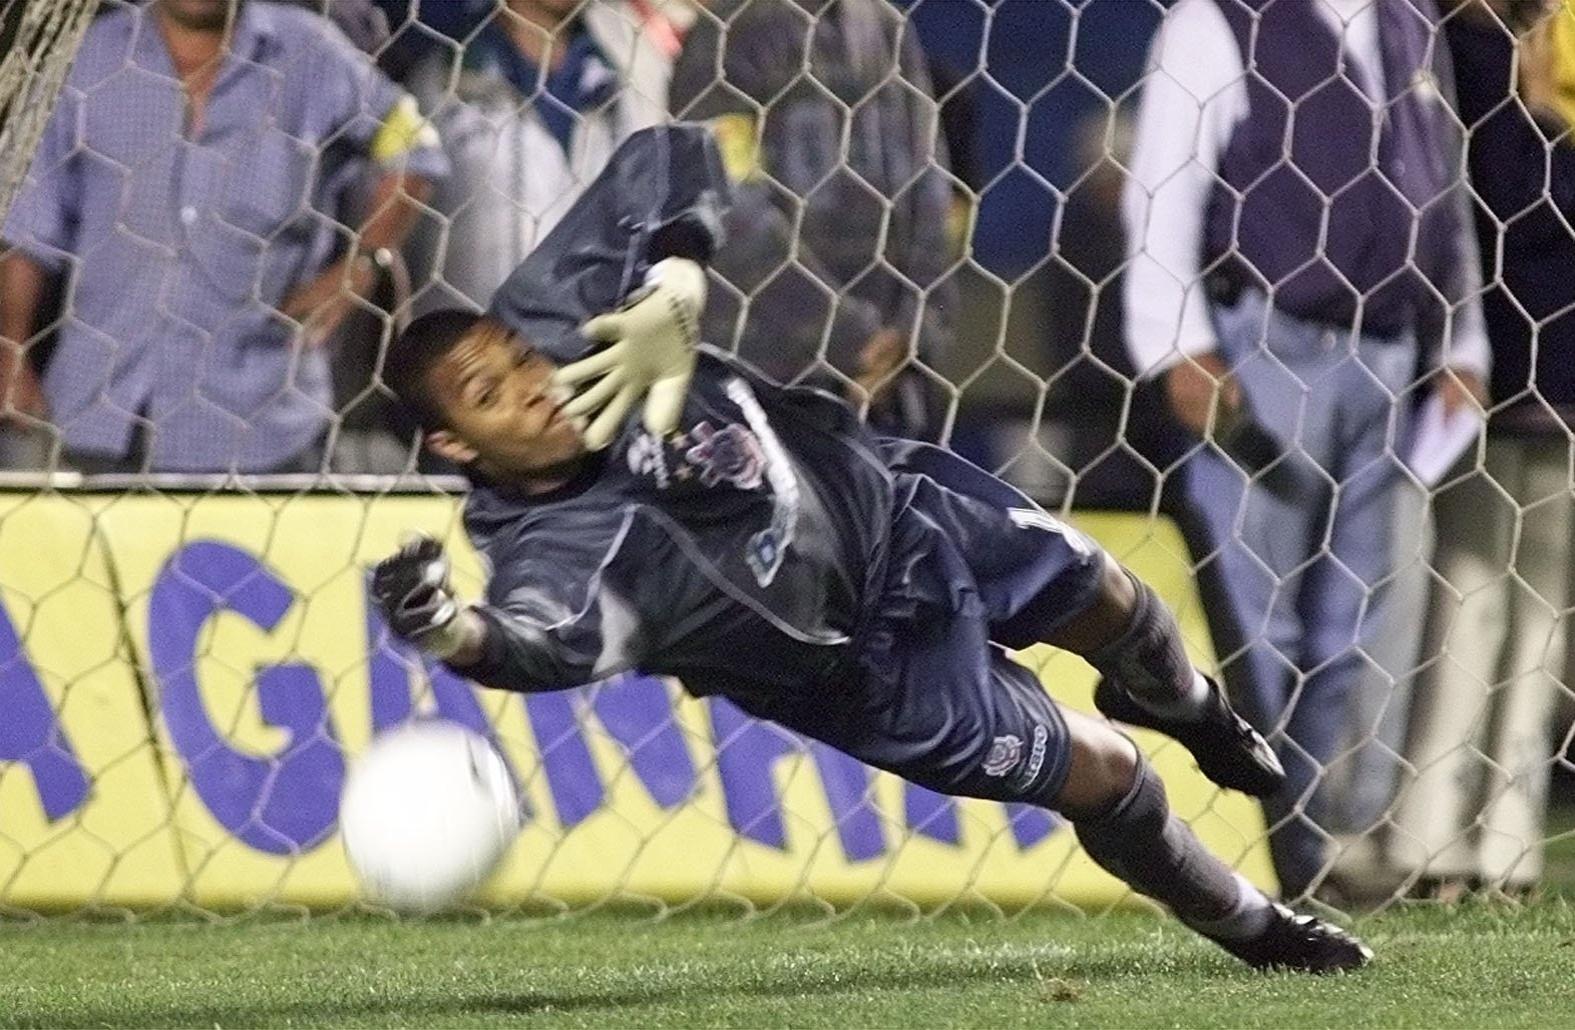 14102013---dida-goleiro-do-corinthians-se-estica-para-defender-o-penalti-cobrado-por-rai-em-1999-1381776869071_1575x1030